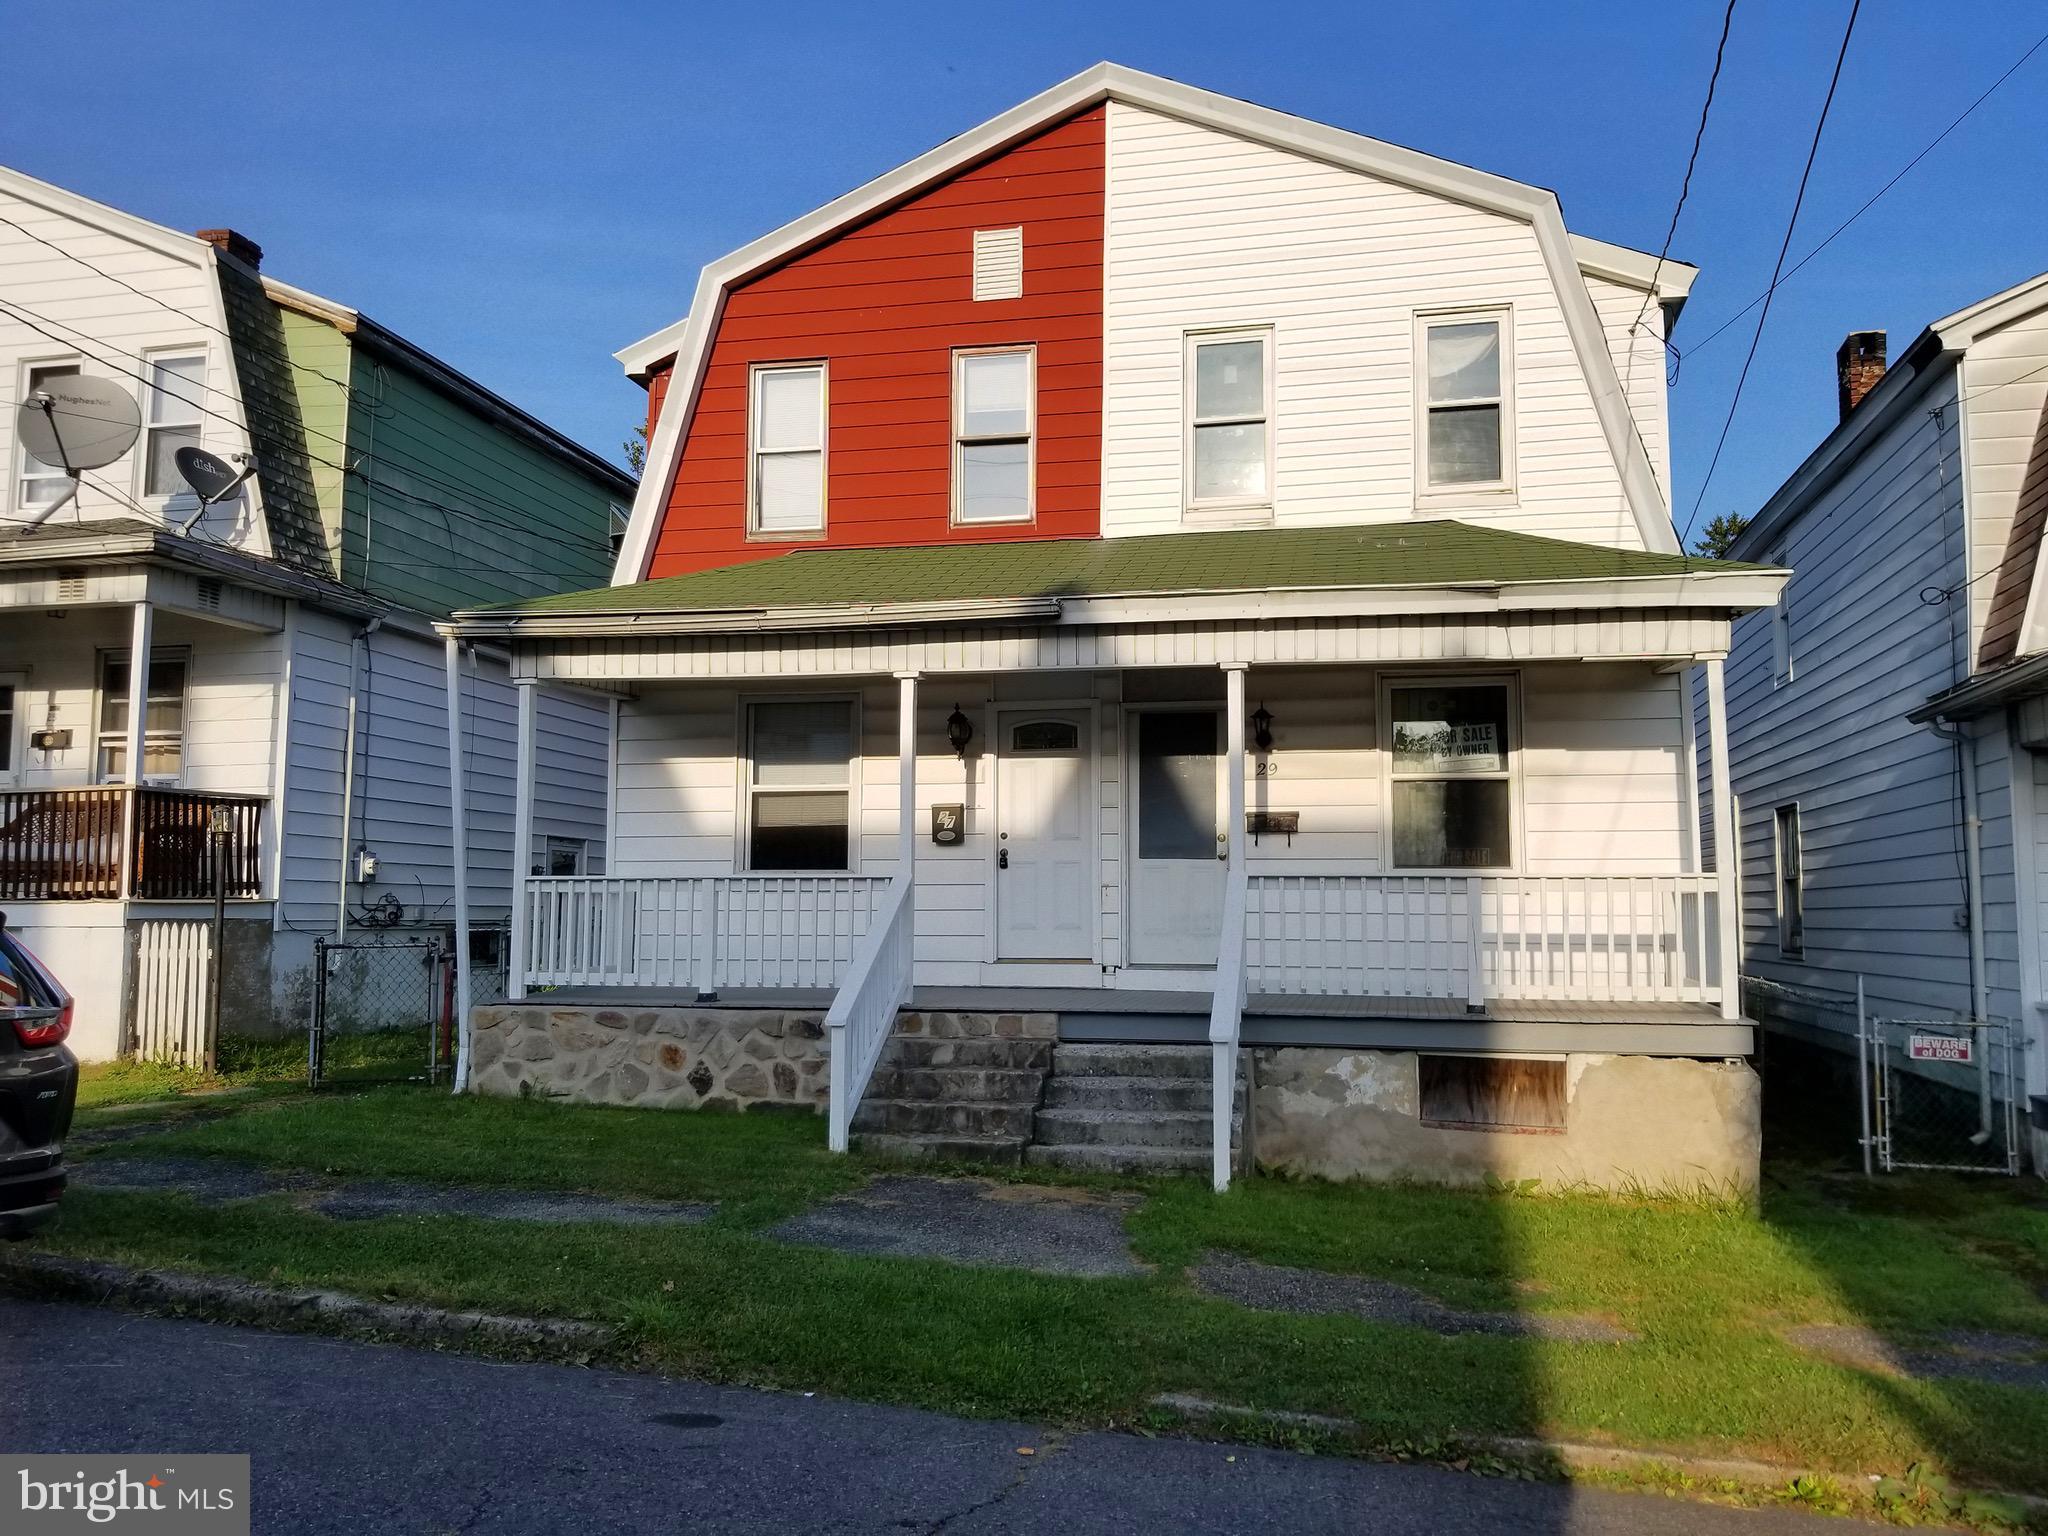 27 S 4TH STREET, FRACKVILLE, PA 17931